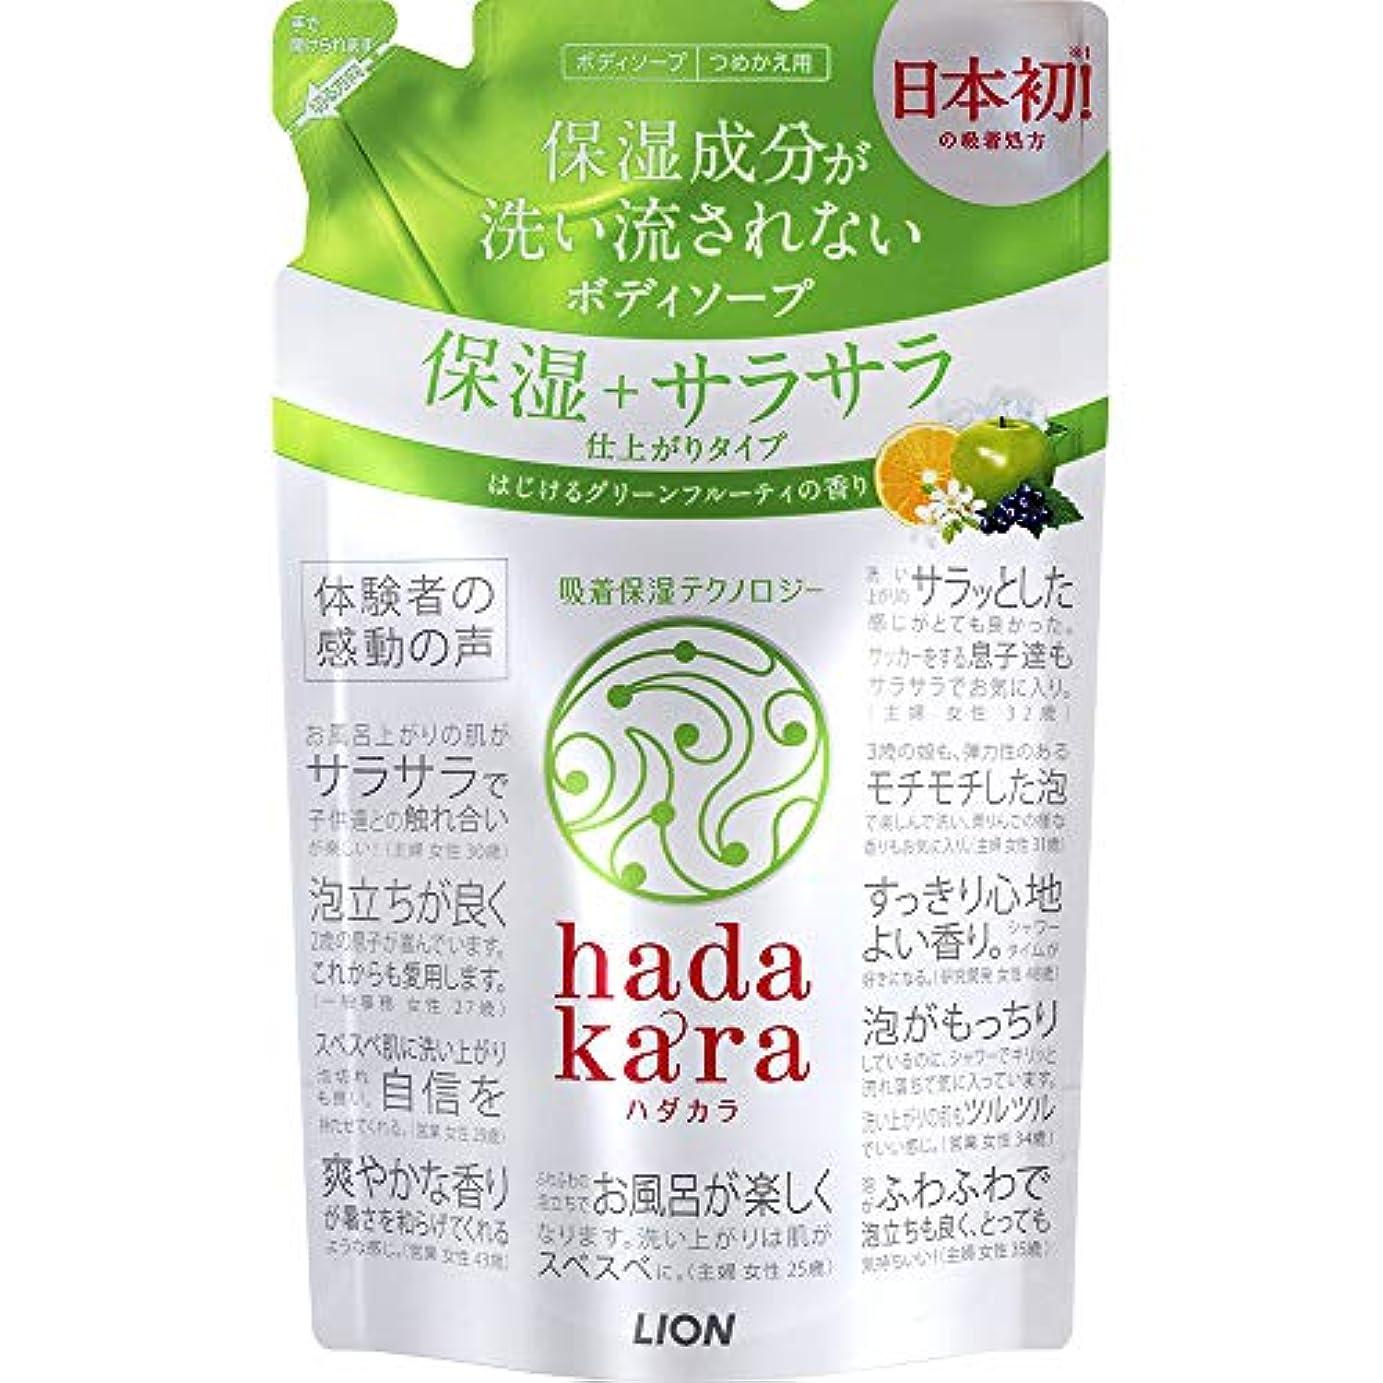 送る正規化美的hadakara(ハダカラ) ボディソープ 保湿+サラサラ仕上がりタイプ グリーンフルーティの香り 詰め替え 340ml